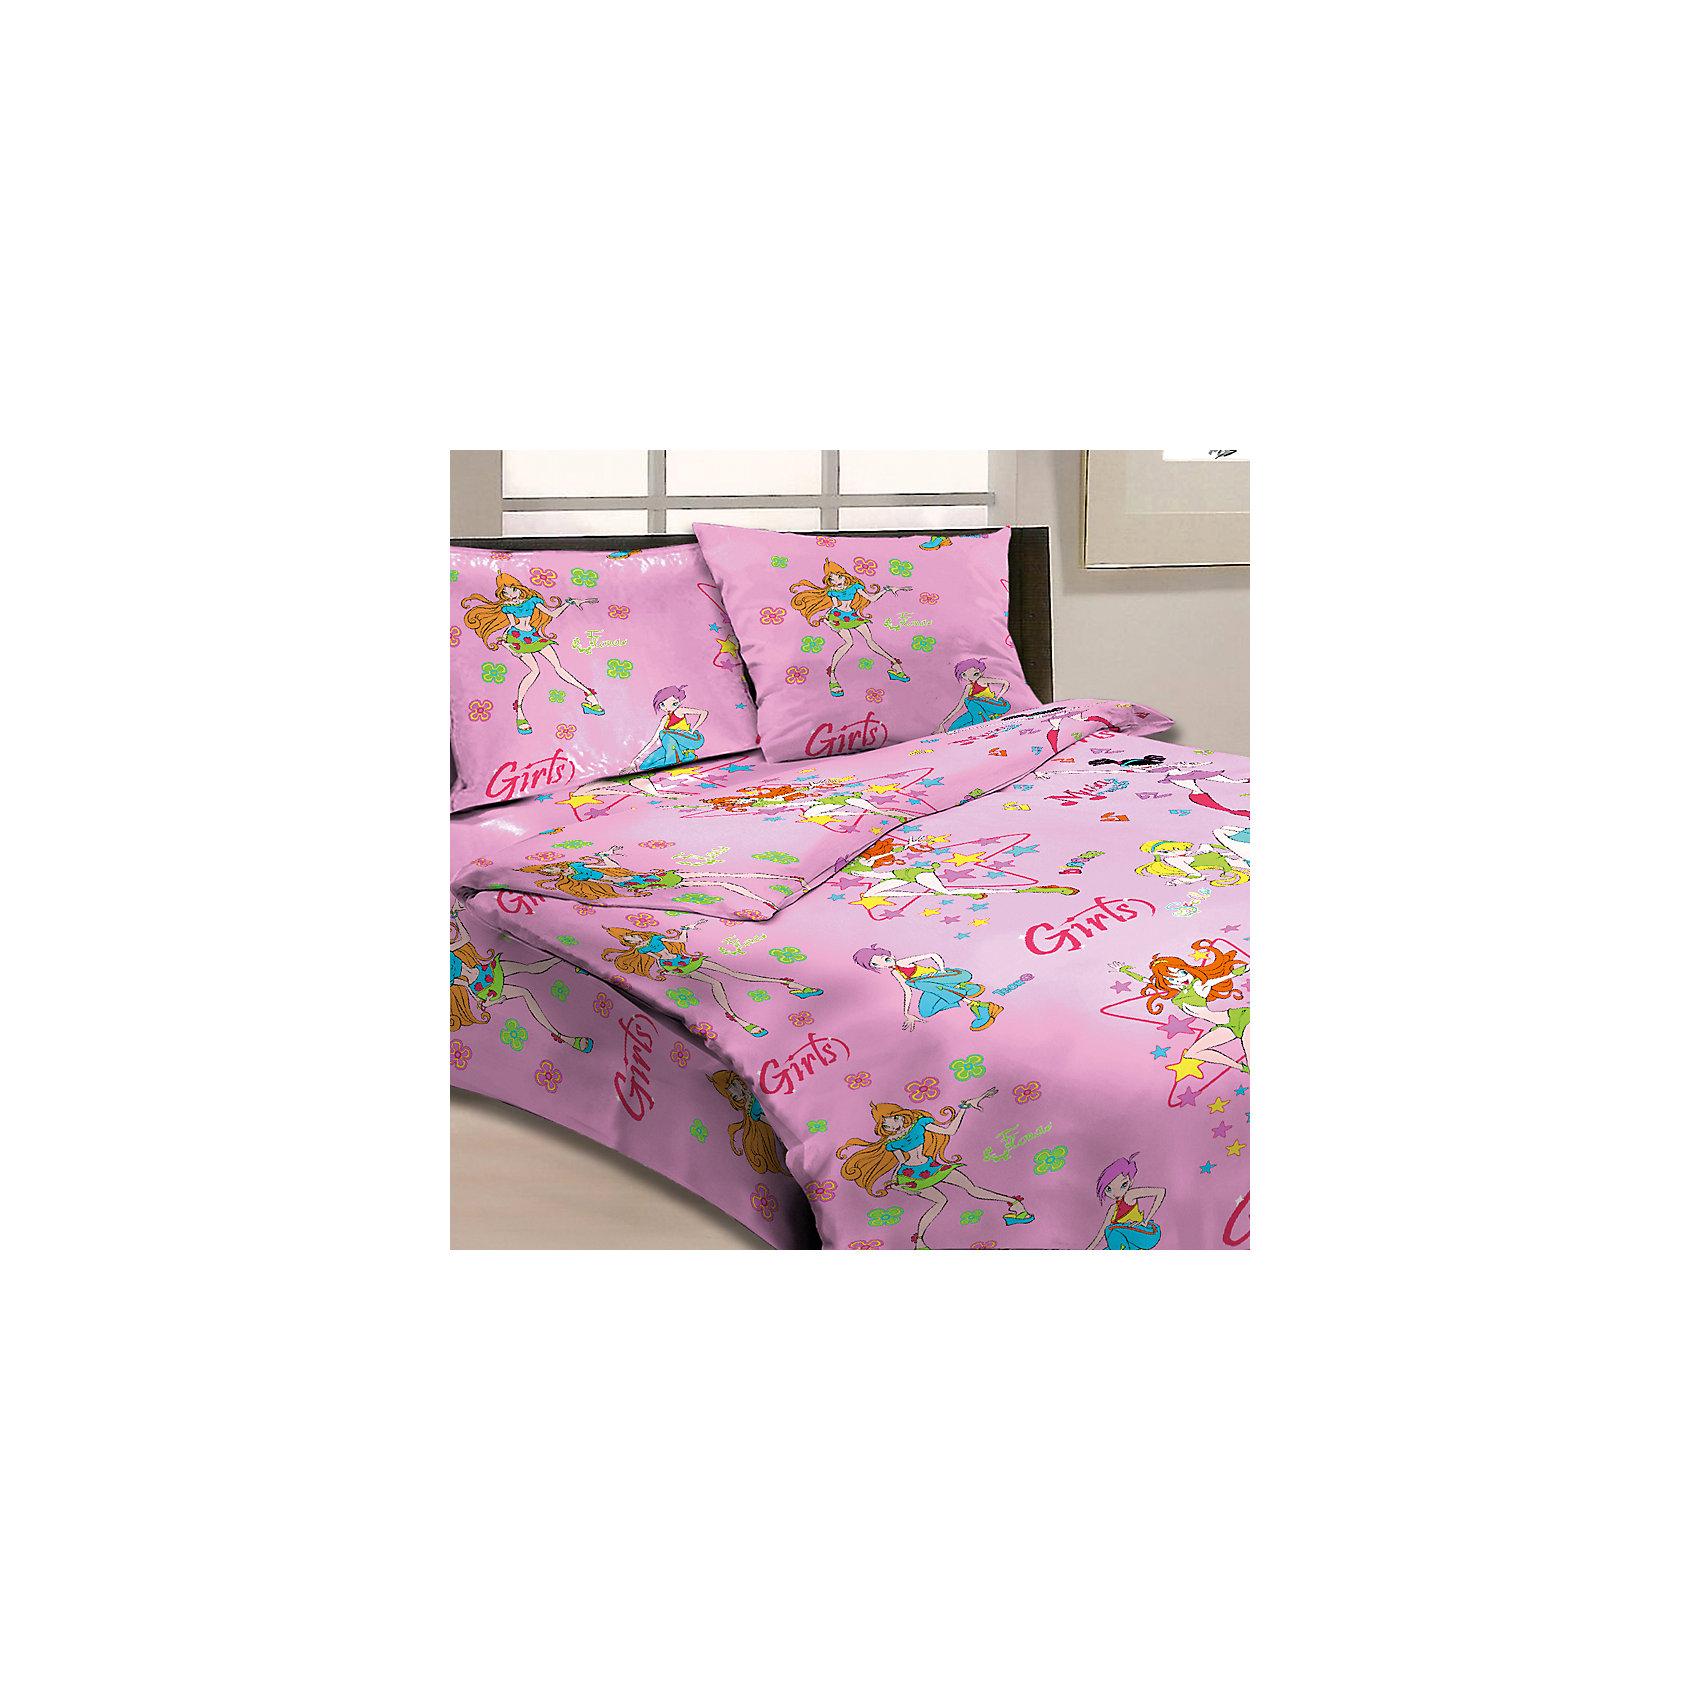 Комплект Подружки 1,5-спальный (наволочка 50х70см), LettoКомплект постельного белья Подружки, Letto, с оригинальным стильным дизайном непременно понравится Вашей девочке. Комплект выполнен в приятных розовых тонах и украшен изображениями веселых подружек-модниц. Материал представляет собой качественную плотную бязь, очень комфортную и приятную на ощупь. Ткань отвечает всем экологическим нормам безопасности, дышащая, гипоаллергенная, не нарушает естественные процессы терморегуляции. При стирке белье не линяет, не деформируется и не теряет своих красок даже после многочисленных стирок. Можно стирать в машинке в деликатном режиме 30-40 градусов.<br><br>Дополнительная информация:<br><br>- Размер комплекта: полутораспальный.<br>- Тип ткани: бязь (100% хлопок).<br>- В комплекте: 1 наволочка, 1 пододеяльник, 1 простыня.<br>- Размер пододеяльника: 143 х 215 см.<br>- Размер наволочки: 50 х 70 см.<br>- Размер простыни: 150 х 220 см.<br>- Размер упаковки: 39 х 4 х 28 см.<br>- Вес: 1,4 кг. <br><br>Комплект Подружки 1,5 спальный, Letto, можно приобрести в нашем интернет-магазине.<br><br>Ширина мм: 390<br>Глубина мм: 280<br>Высота мм: 40<br>Вес г: 1400<br>Возраст от месяцев: 36<br>Возраст до месяцев: 120<br>Пол: Женский<br>Возраст: Детский<br>SKU: 4053114